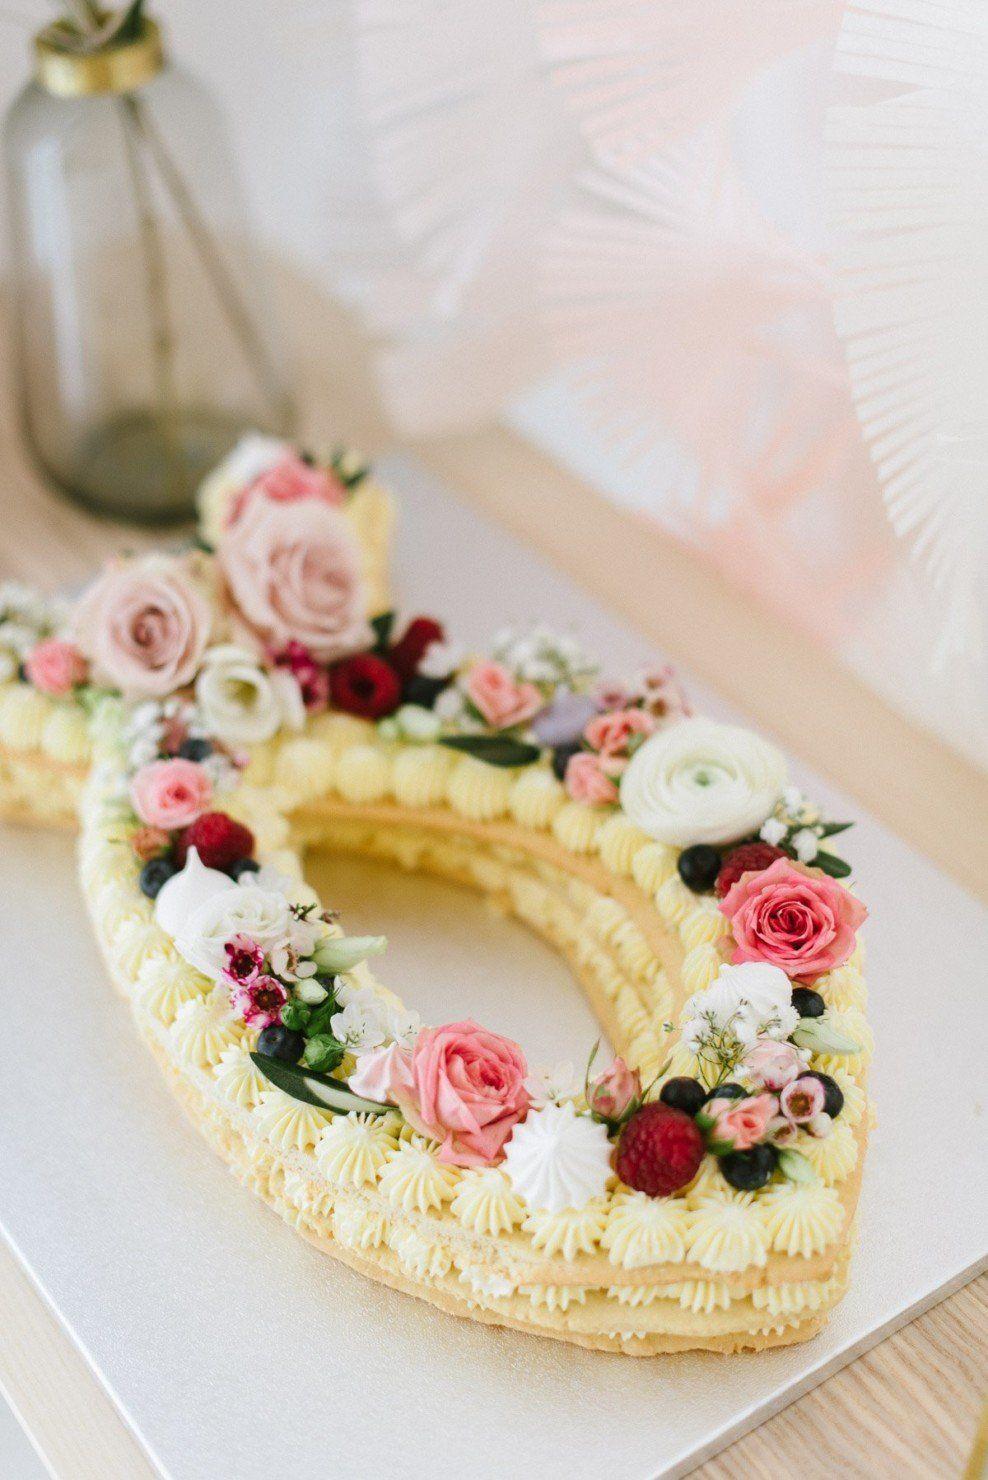 Zarte, florale Dekoration für eine Taufe oder Willkommensfeier – Fräulein K. Sagt Ja – Boda fotos